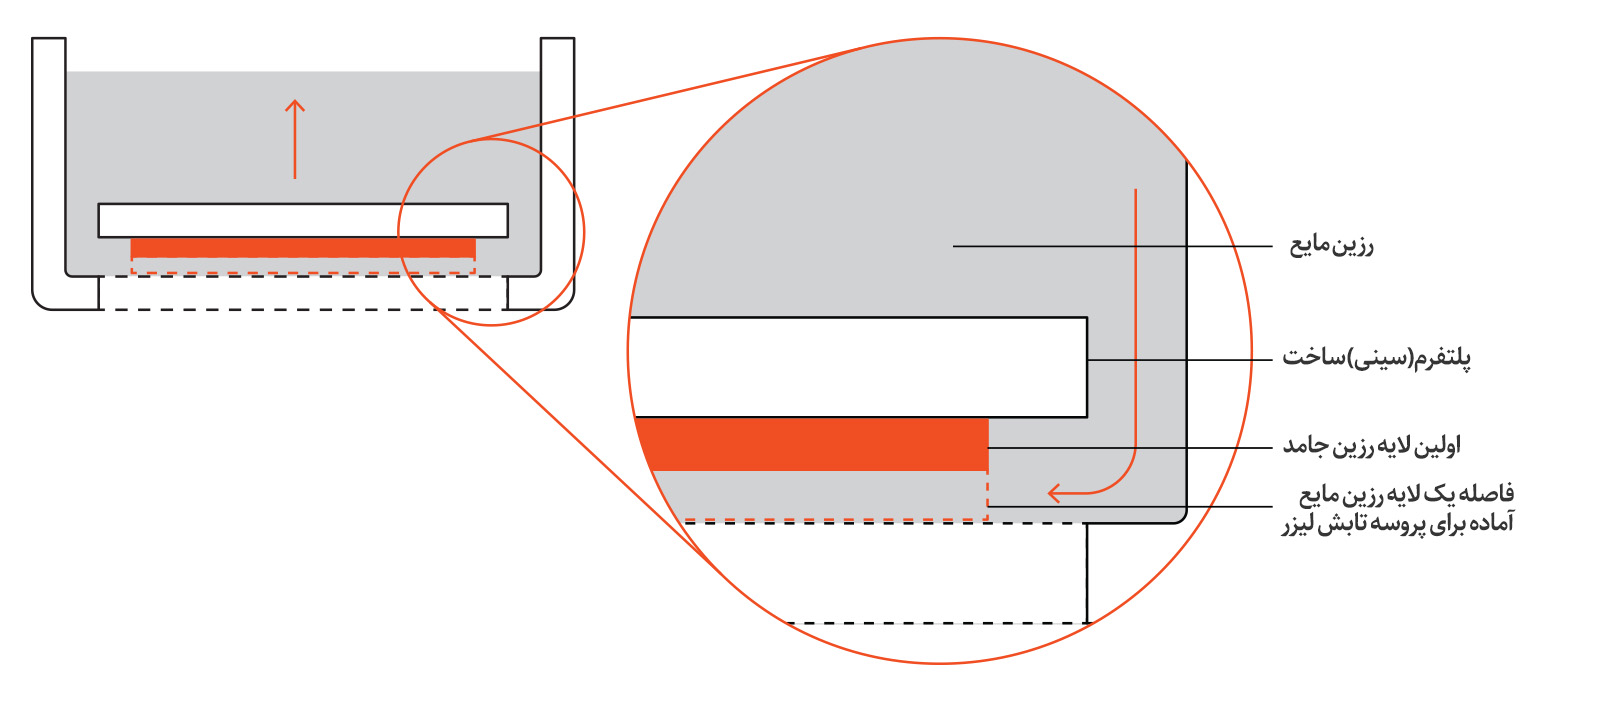 نمای شماتیک یک پرینتر سه بعدی SLA پایین به بالا